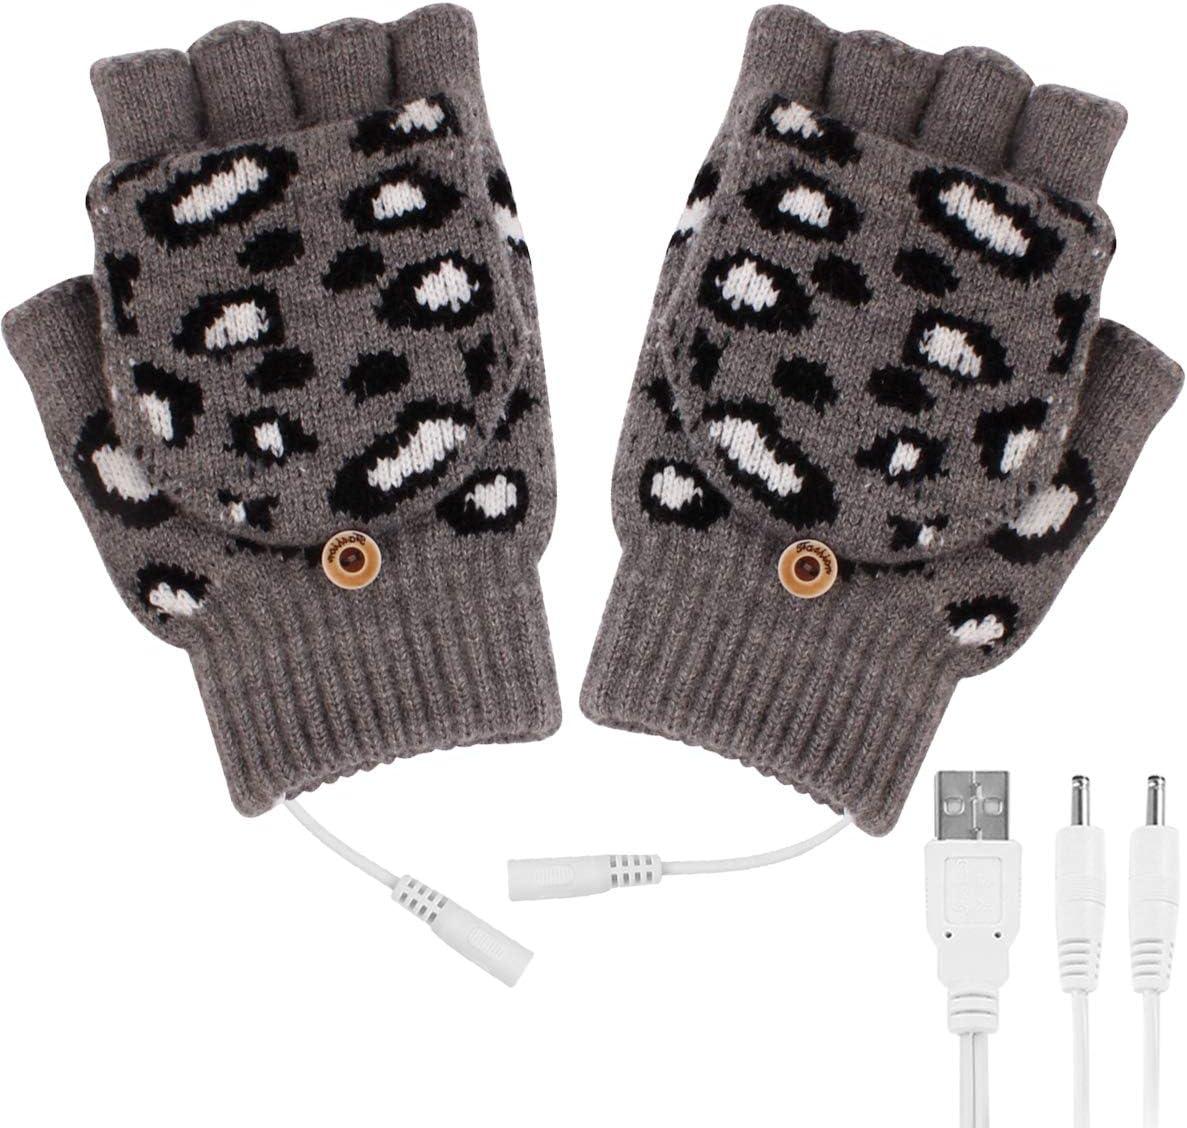 ROSEBEAR Gants Chauffants USB Femmes Gants de Temps Froid avec 3 Niveaux de Temp/érature 3 Minuterie Chauffe-Mains pour Randonn/ée /à V/élo en Plein Air L/éopard